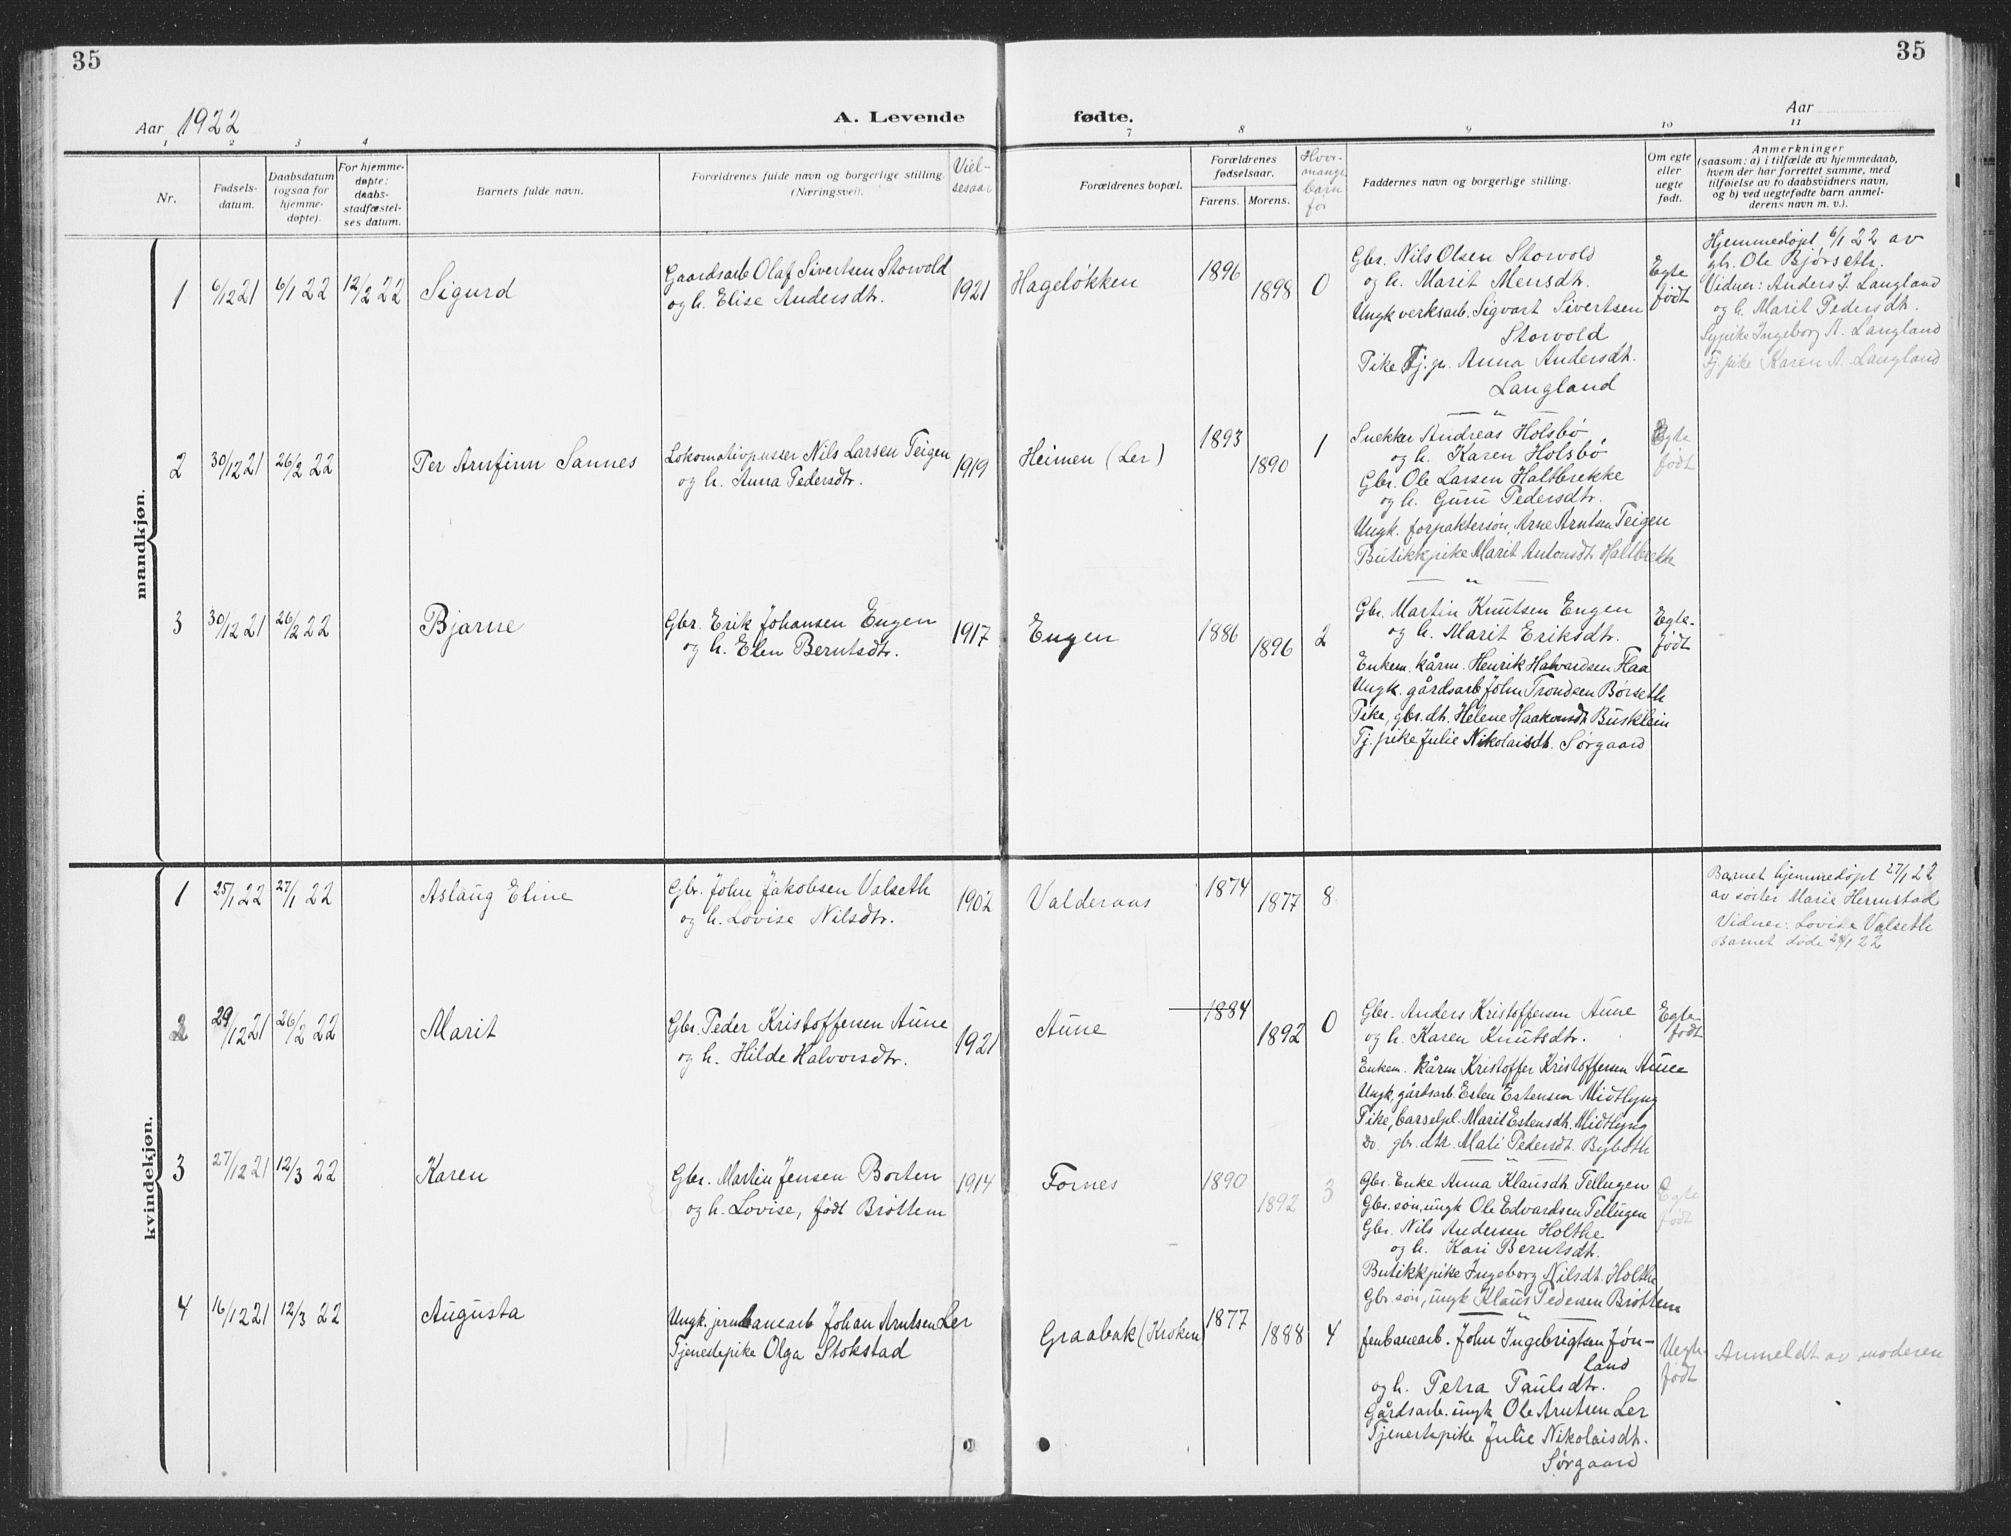 SAT, Ministerialprotokoller, klokkerbøker og fødselsregistre - Sør-Trøndelag, 693/L1124: Klokkerbok nr. 693C05, 1911-1941, s. 35